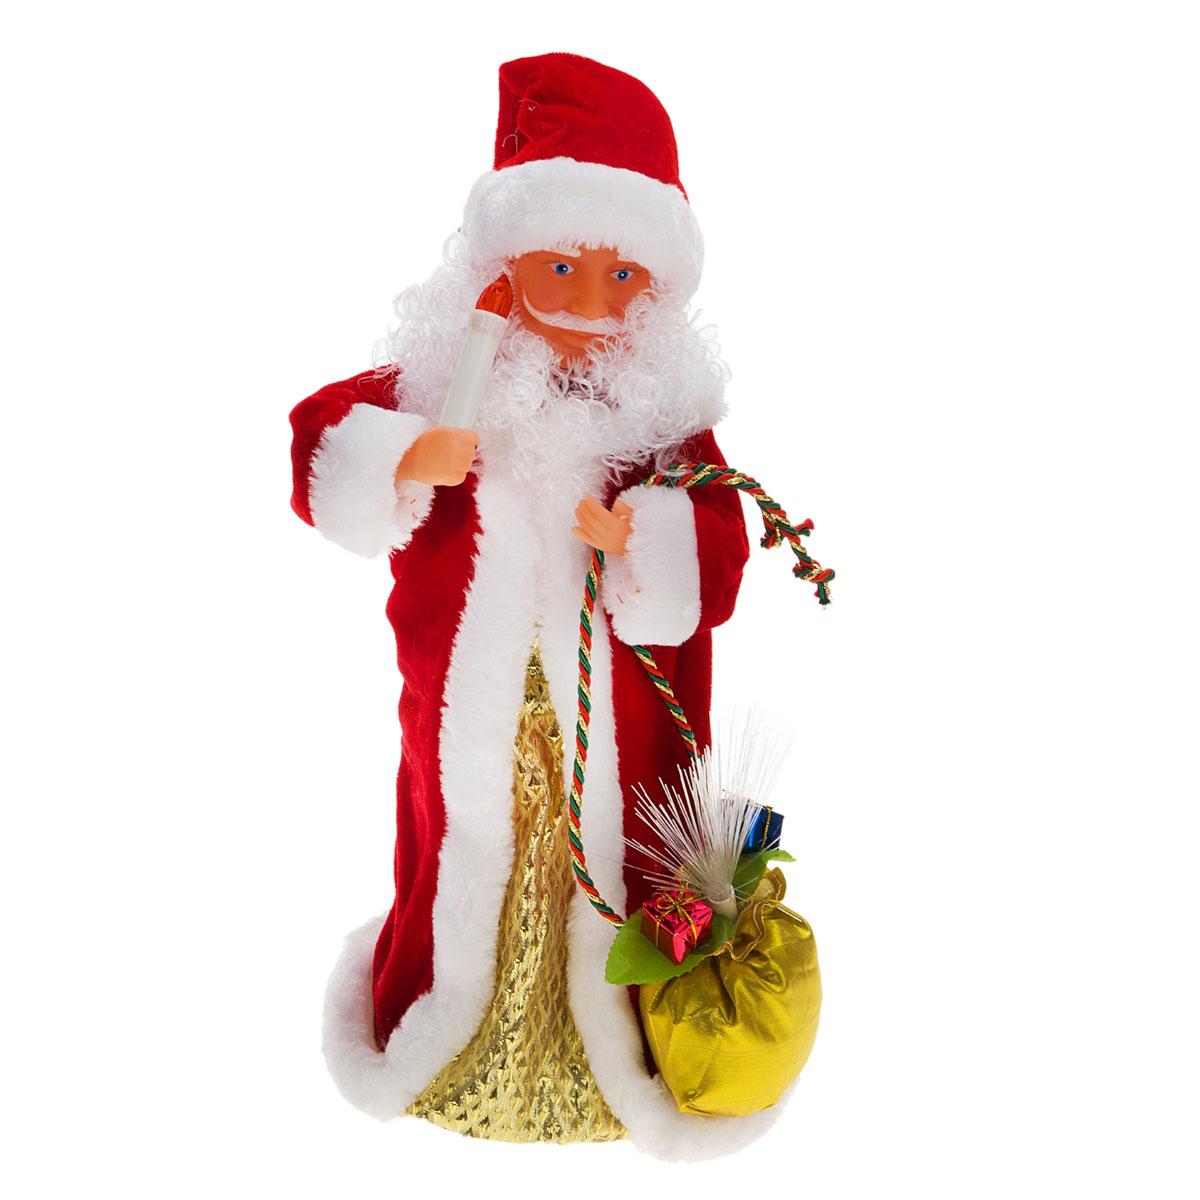 Новогодняя декоративная фигурка Sima-land Дед Мороз, анимированная, высота 38 см. 827811 homephilosophy фигурка с крючком дед мороз снеговик ma 189